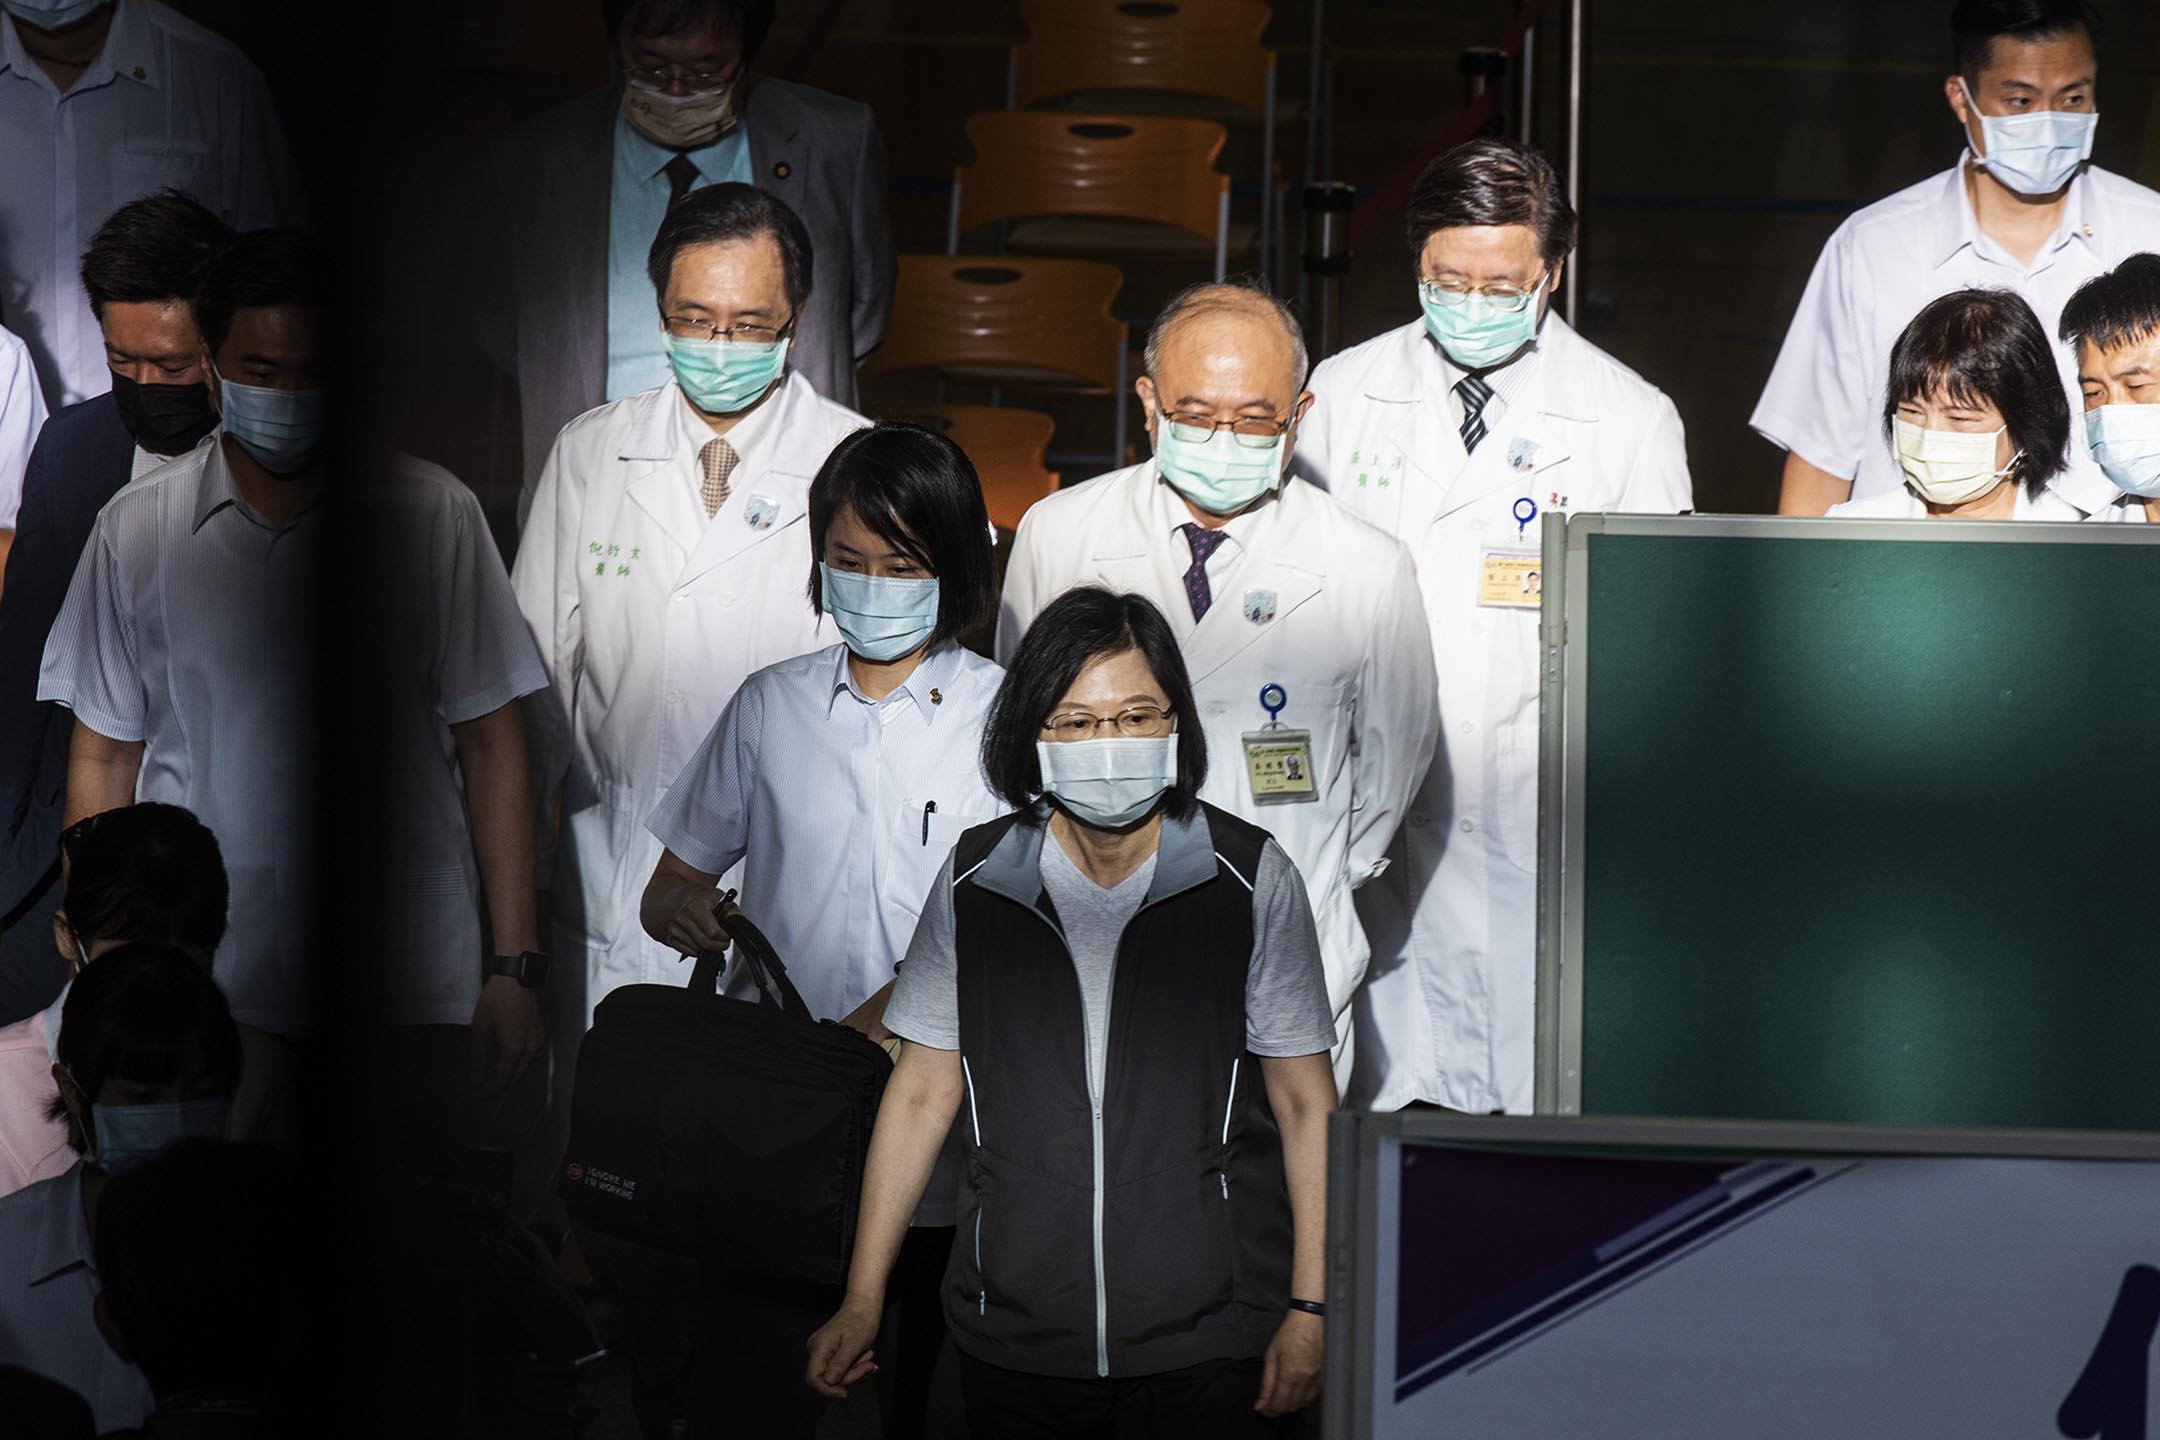 2021年9月30日台北,蔡英文總統到醫院接種疫苗。 攝:陳焯煇/端傳媒